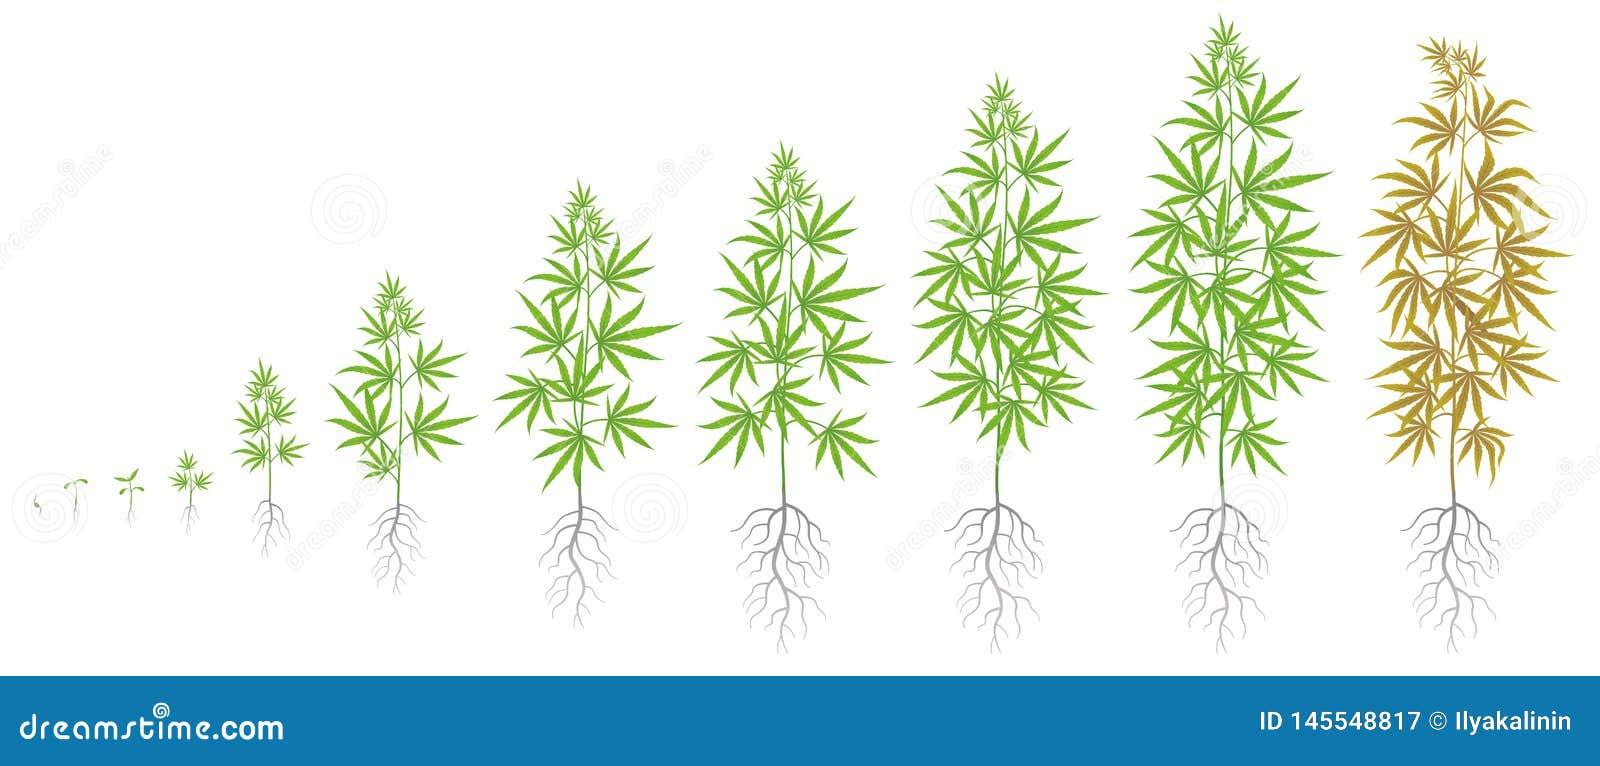 Период выращивания конопли смотреть про коноплю онлайн